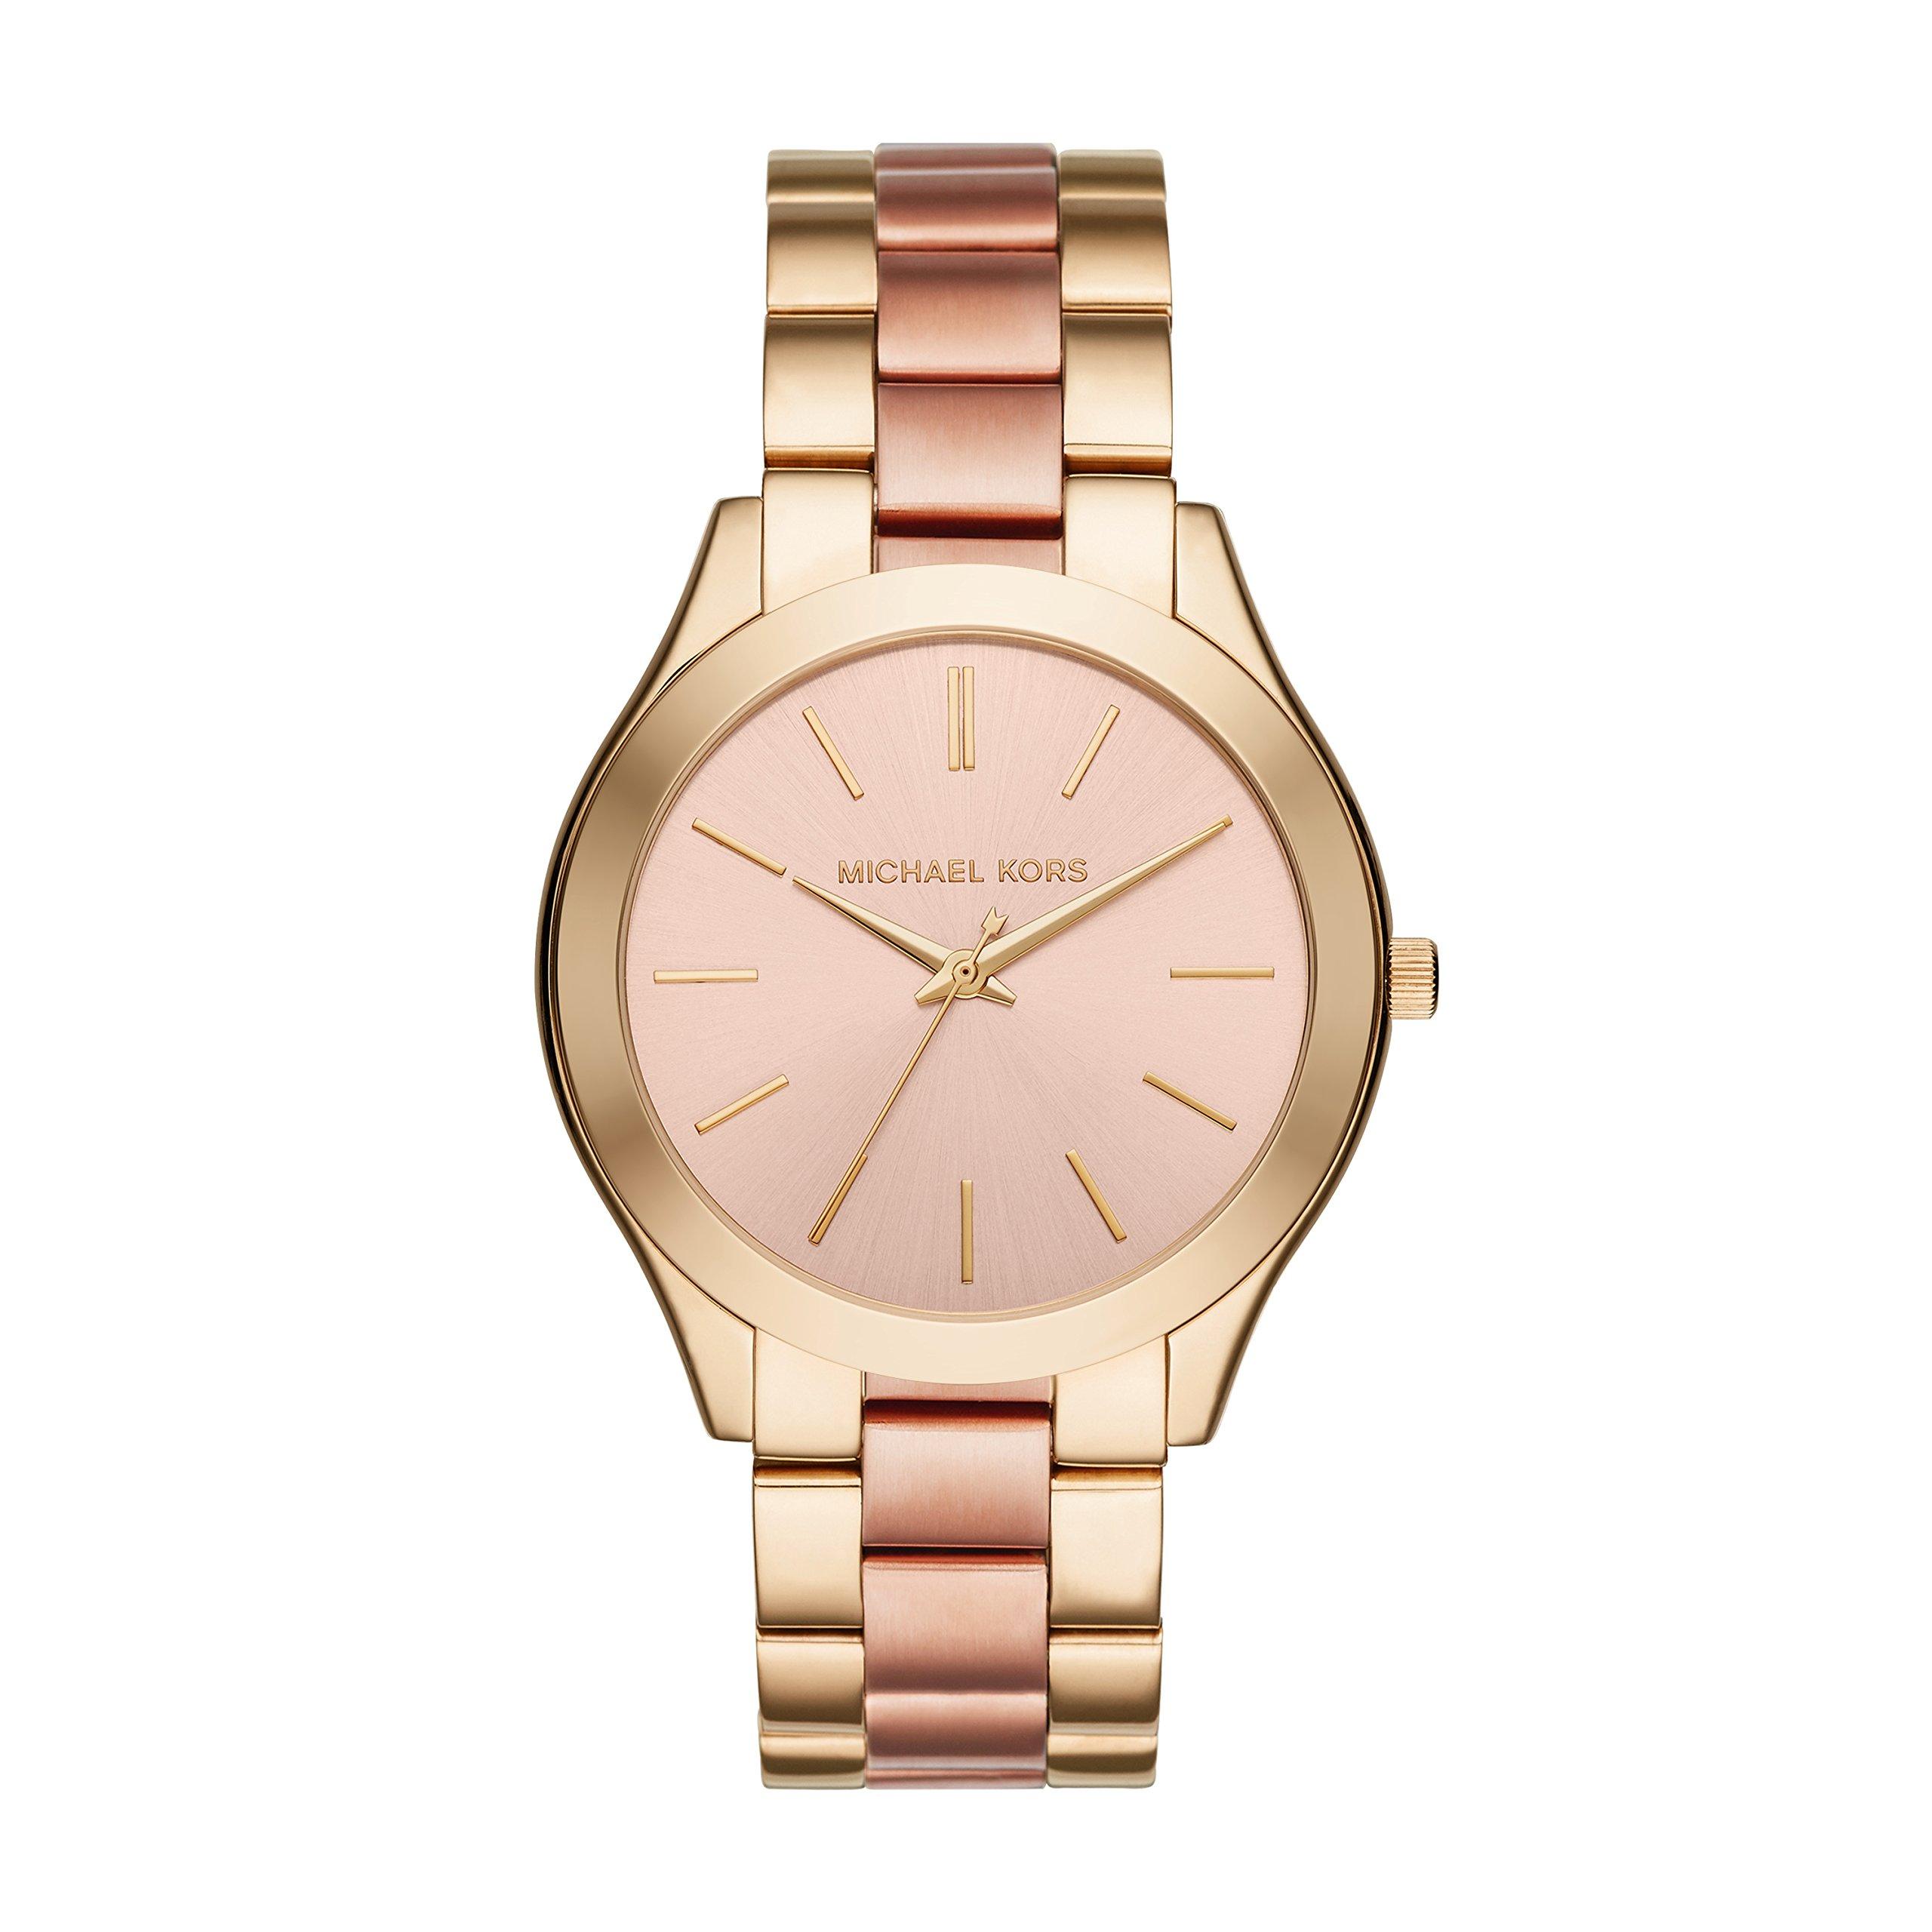 Michael Kors MK3493 Ladies Slim Runway Gold and Rose Bracelet Watch